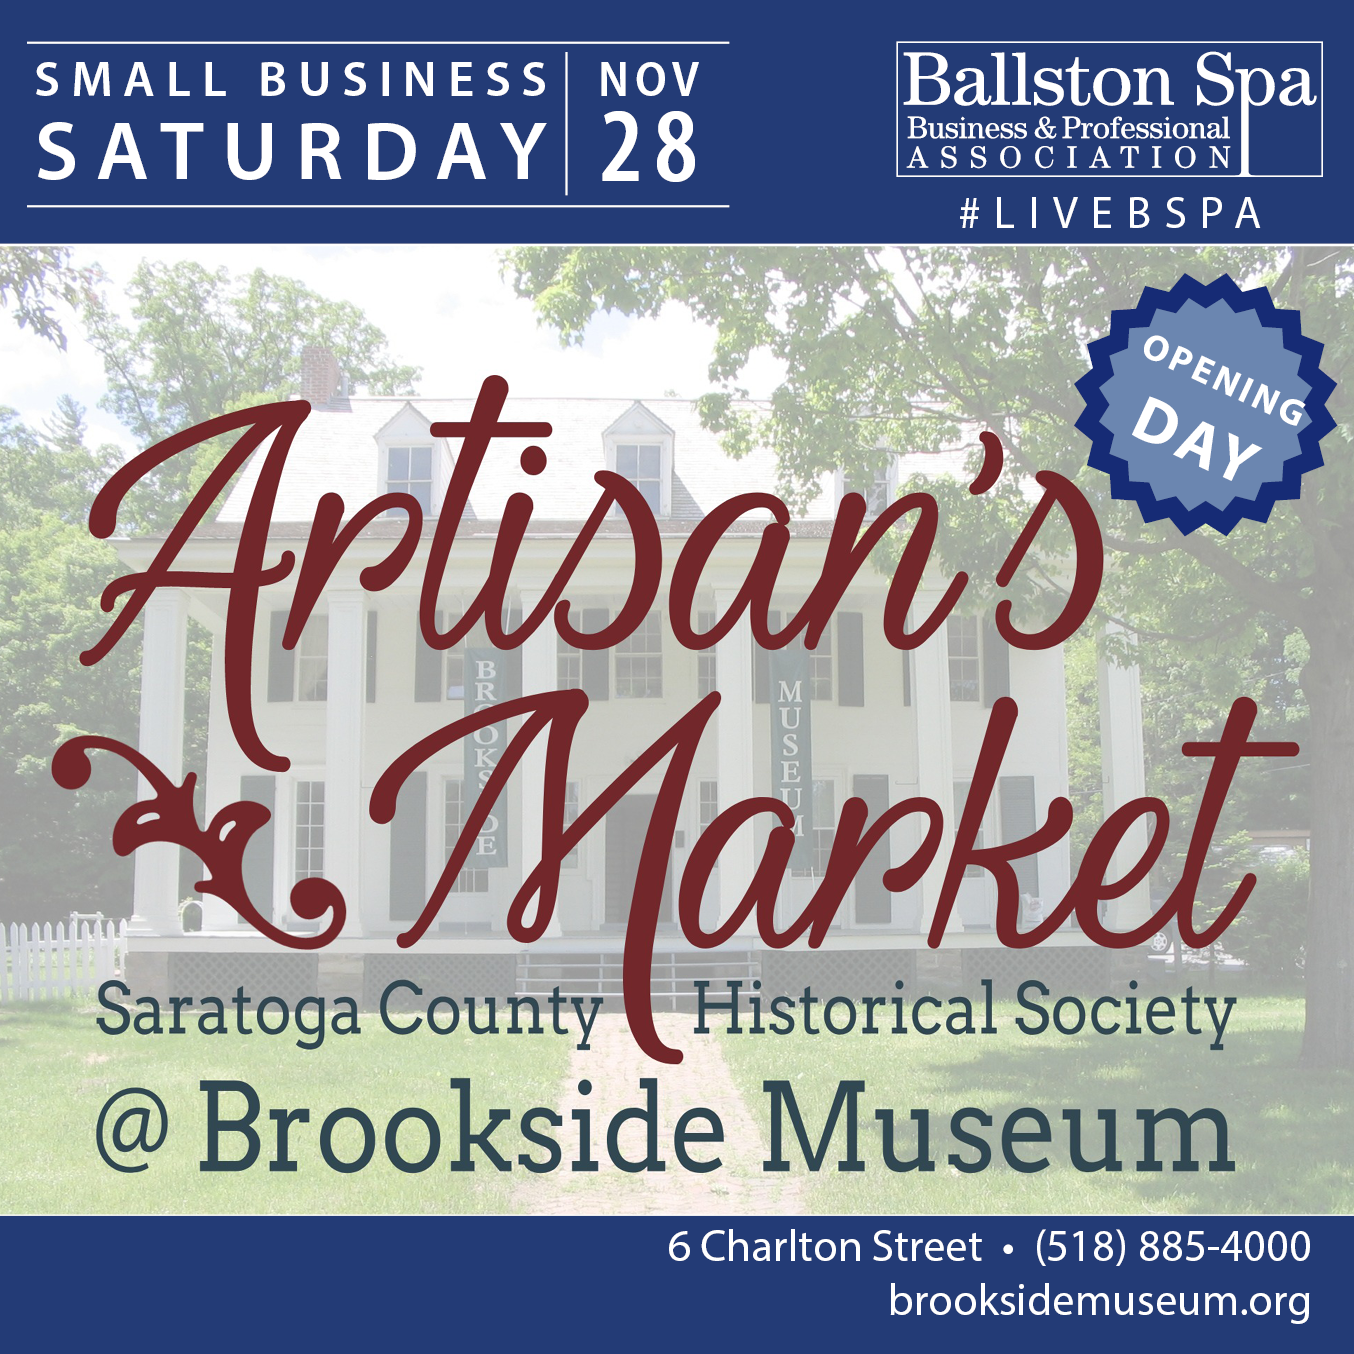 2020-SBS-Brookside-Artisan-Market-A